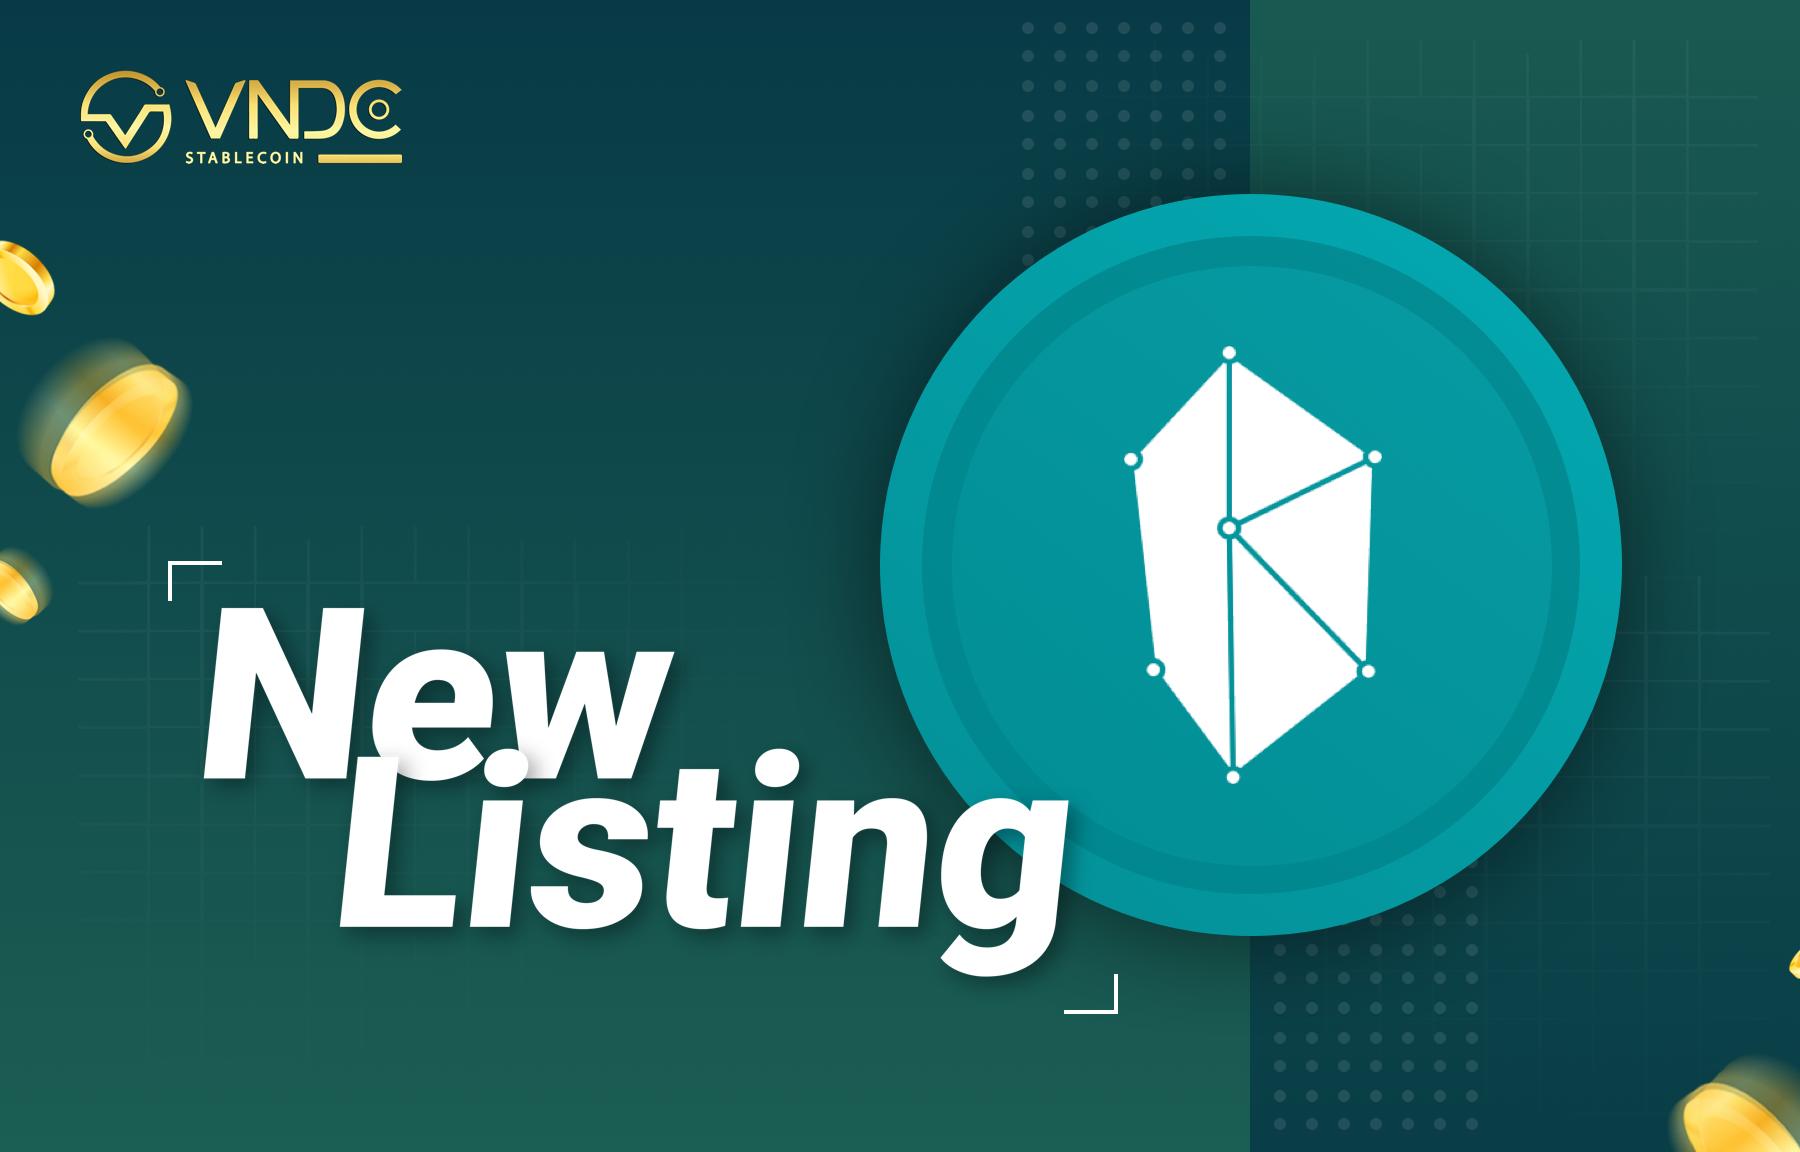 VNDC chính thức niêm yết Kyber Network (KNC) trên VNDC Wallet